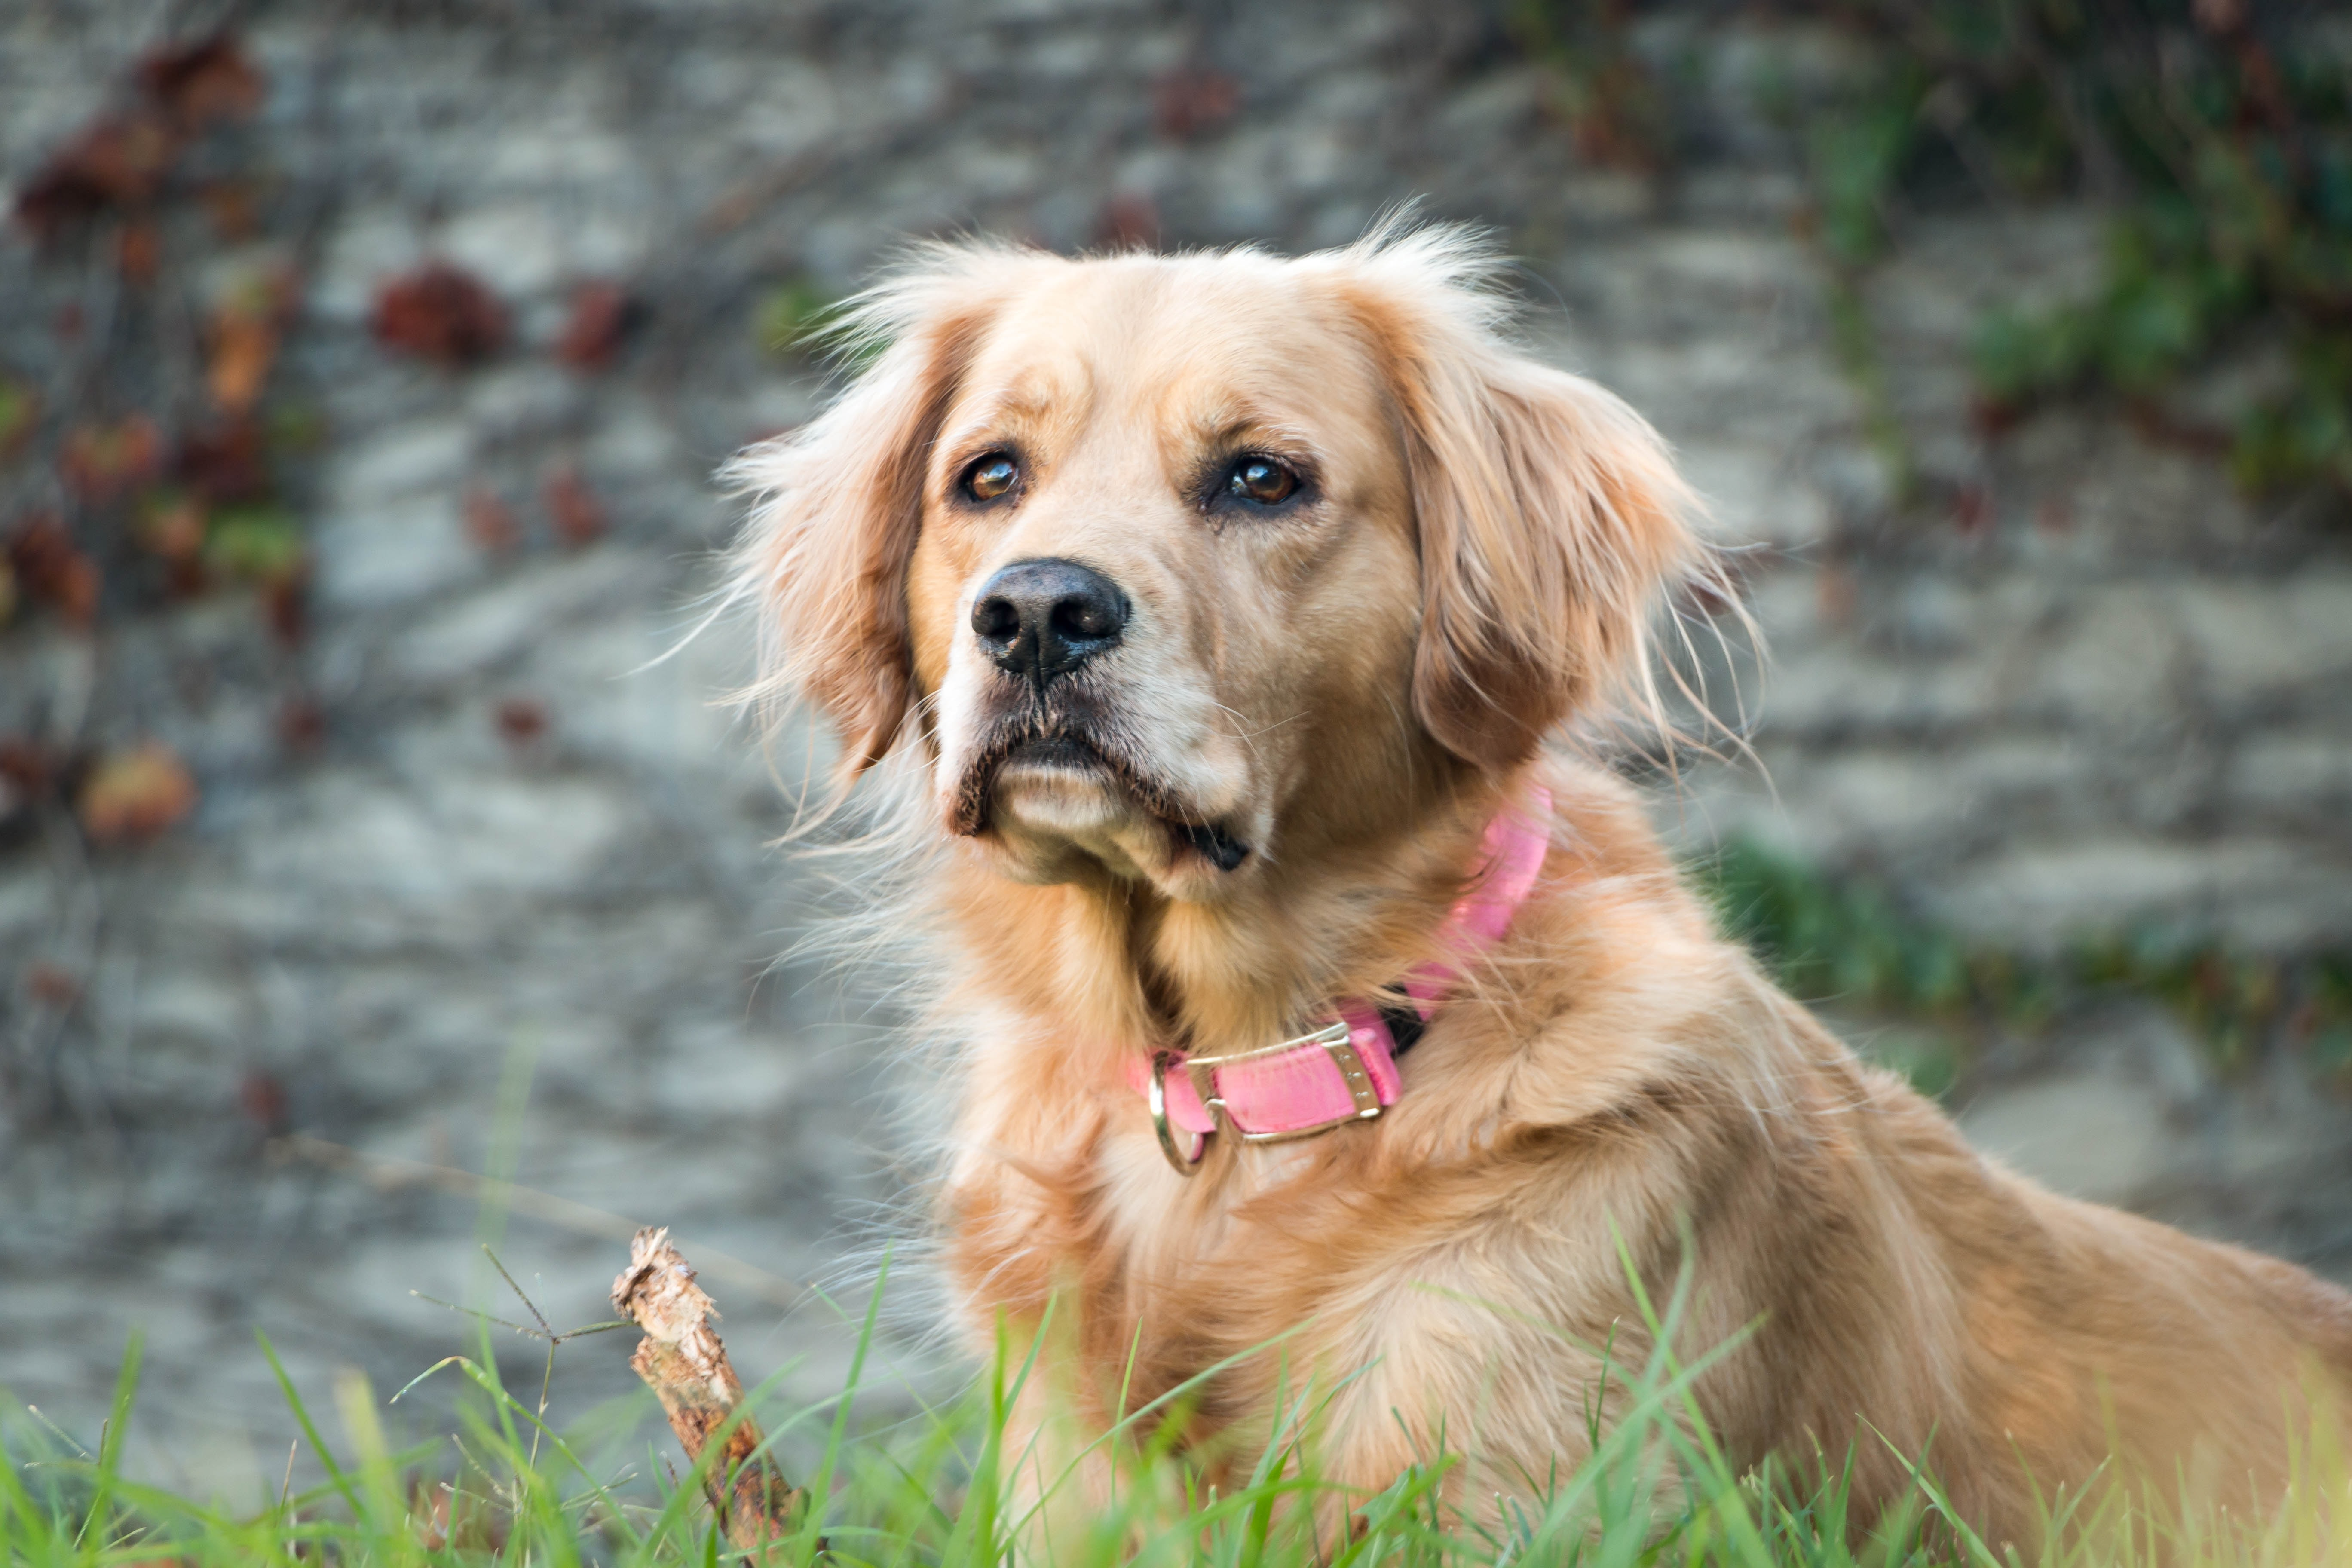 dog sitting on grassy ground